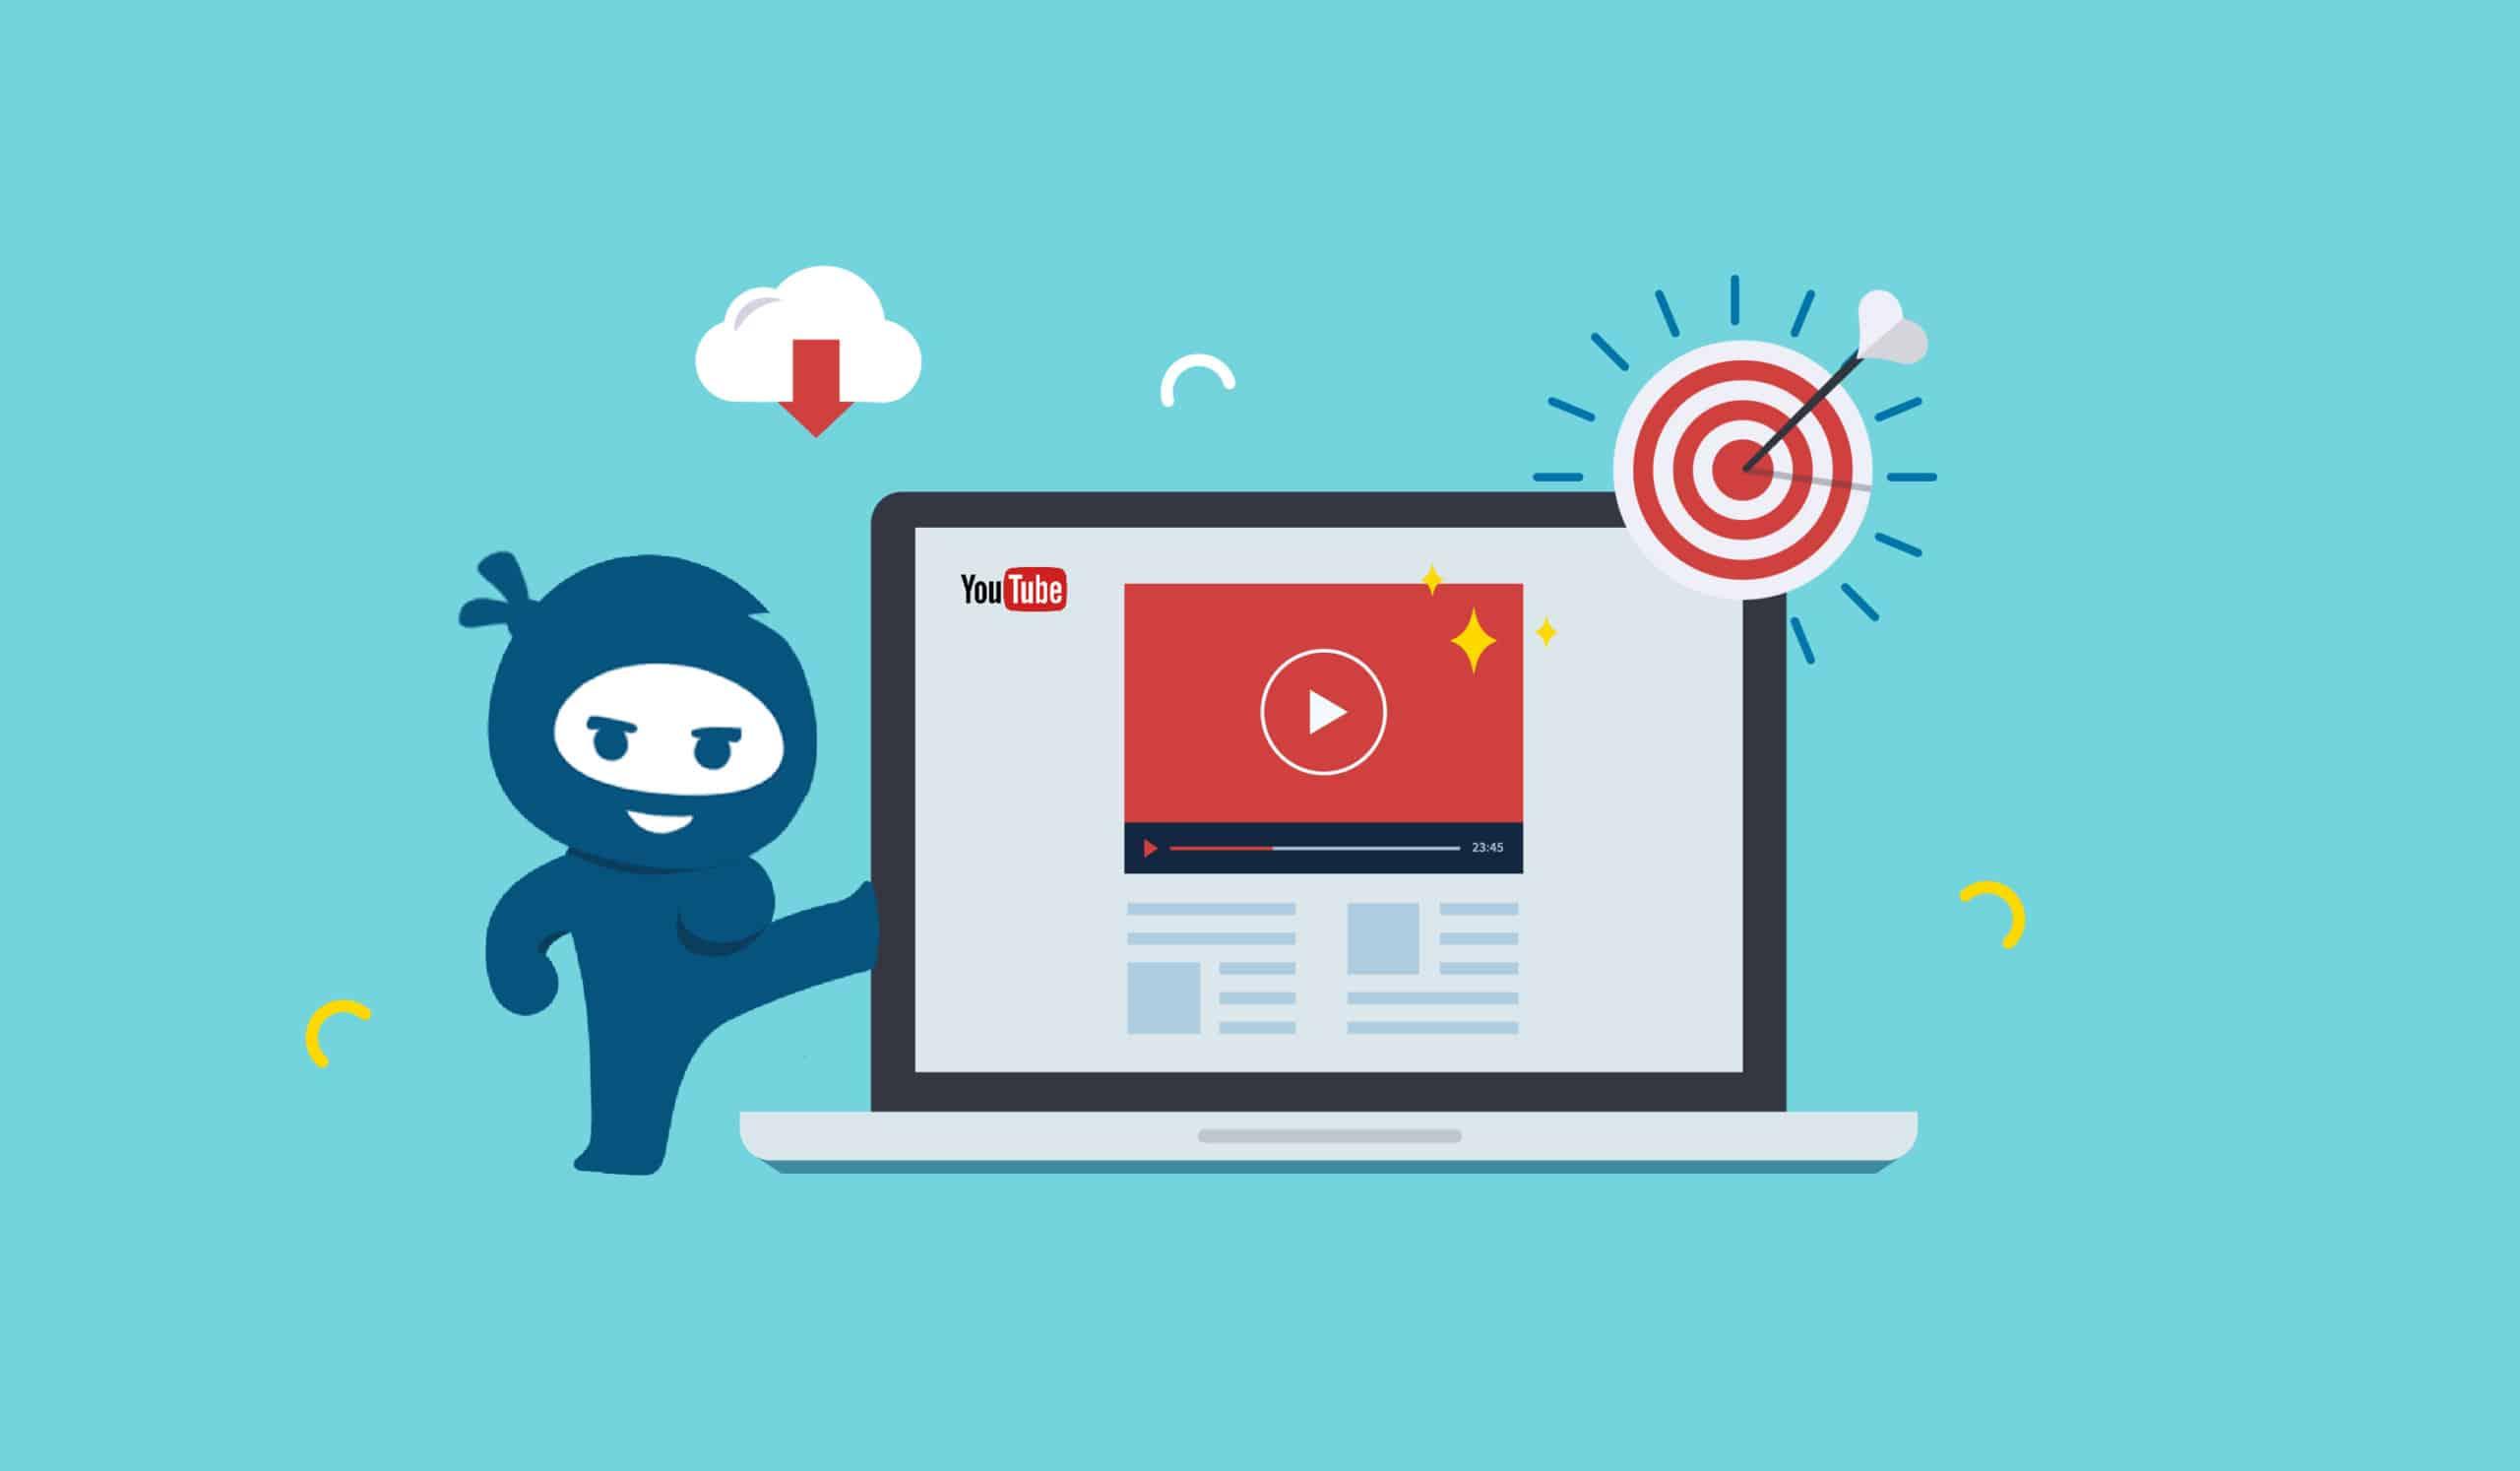 monetize video content